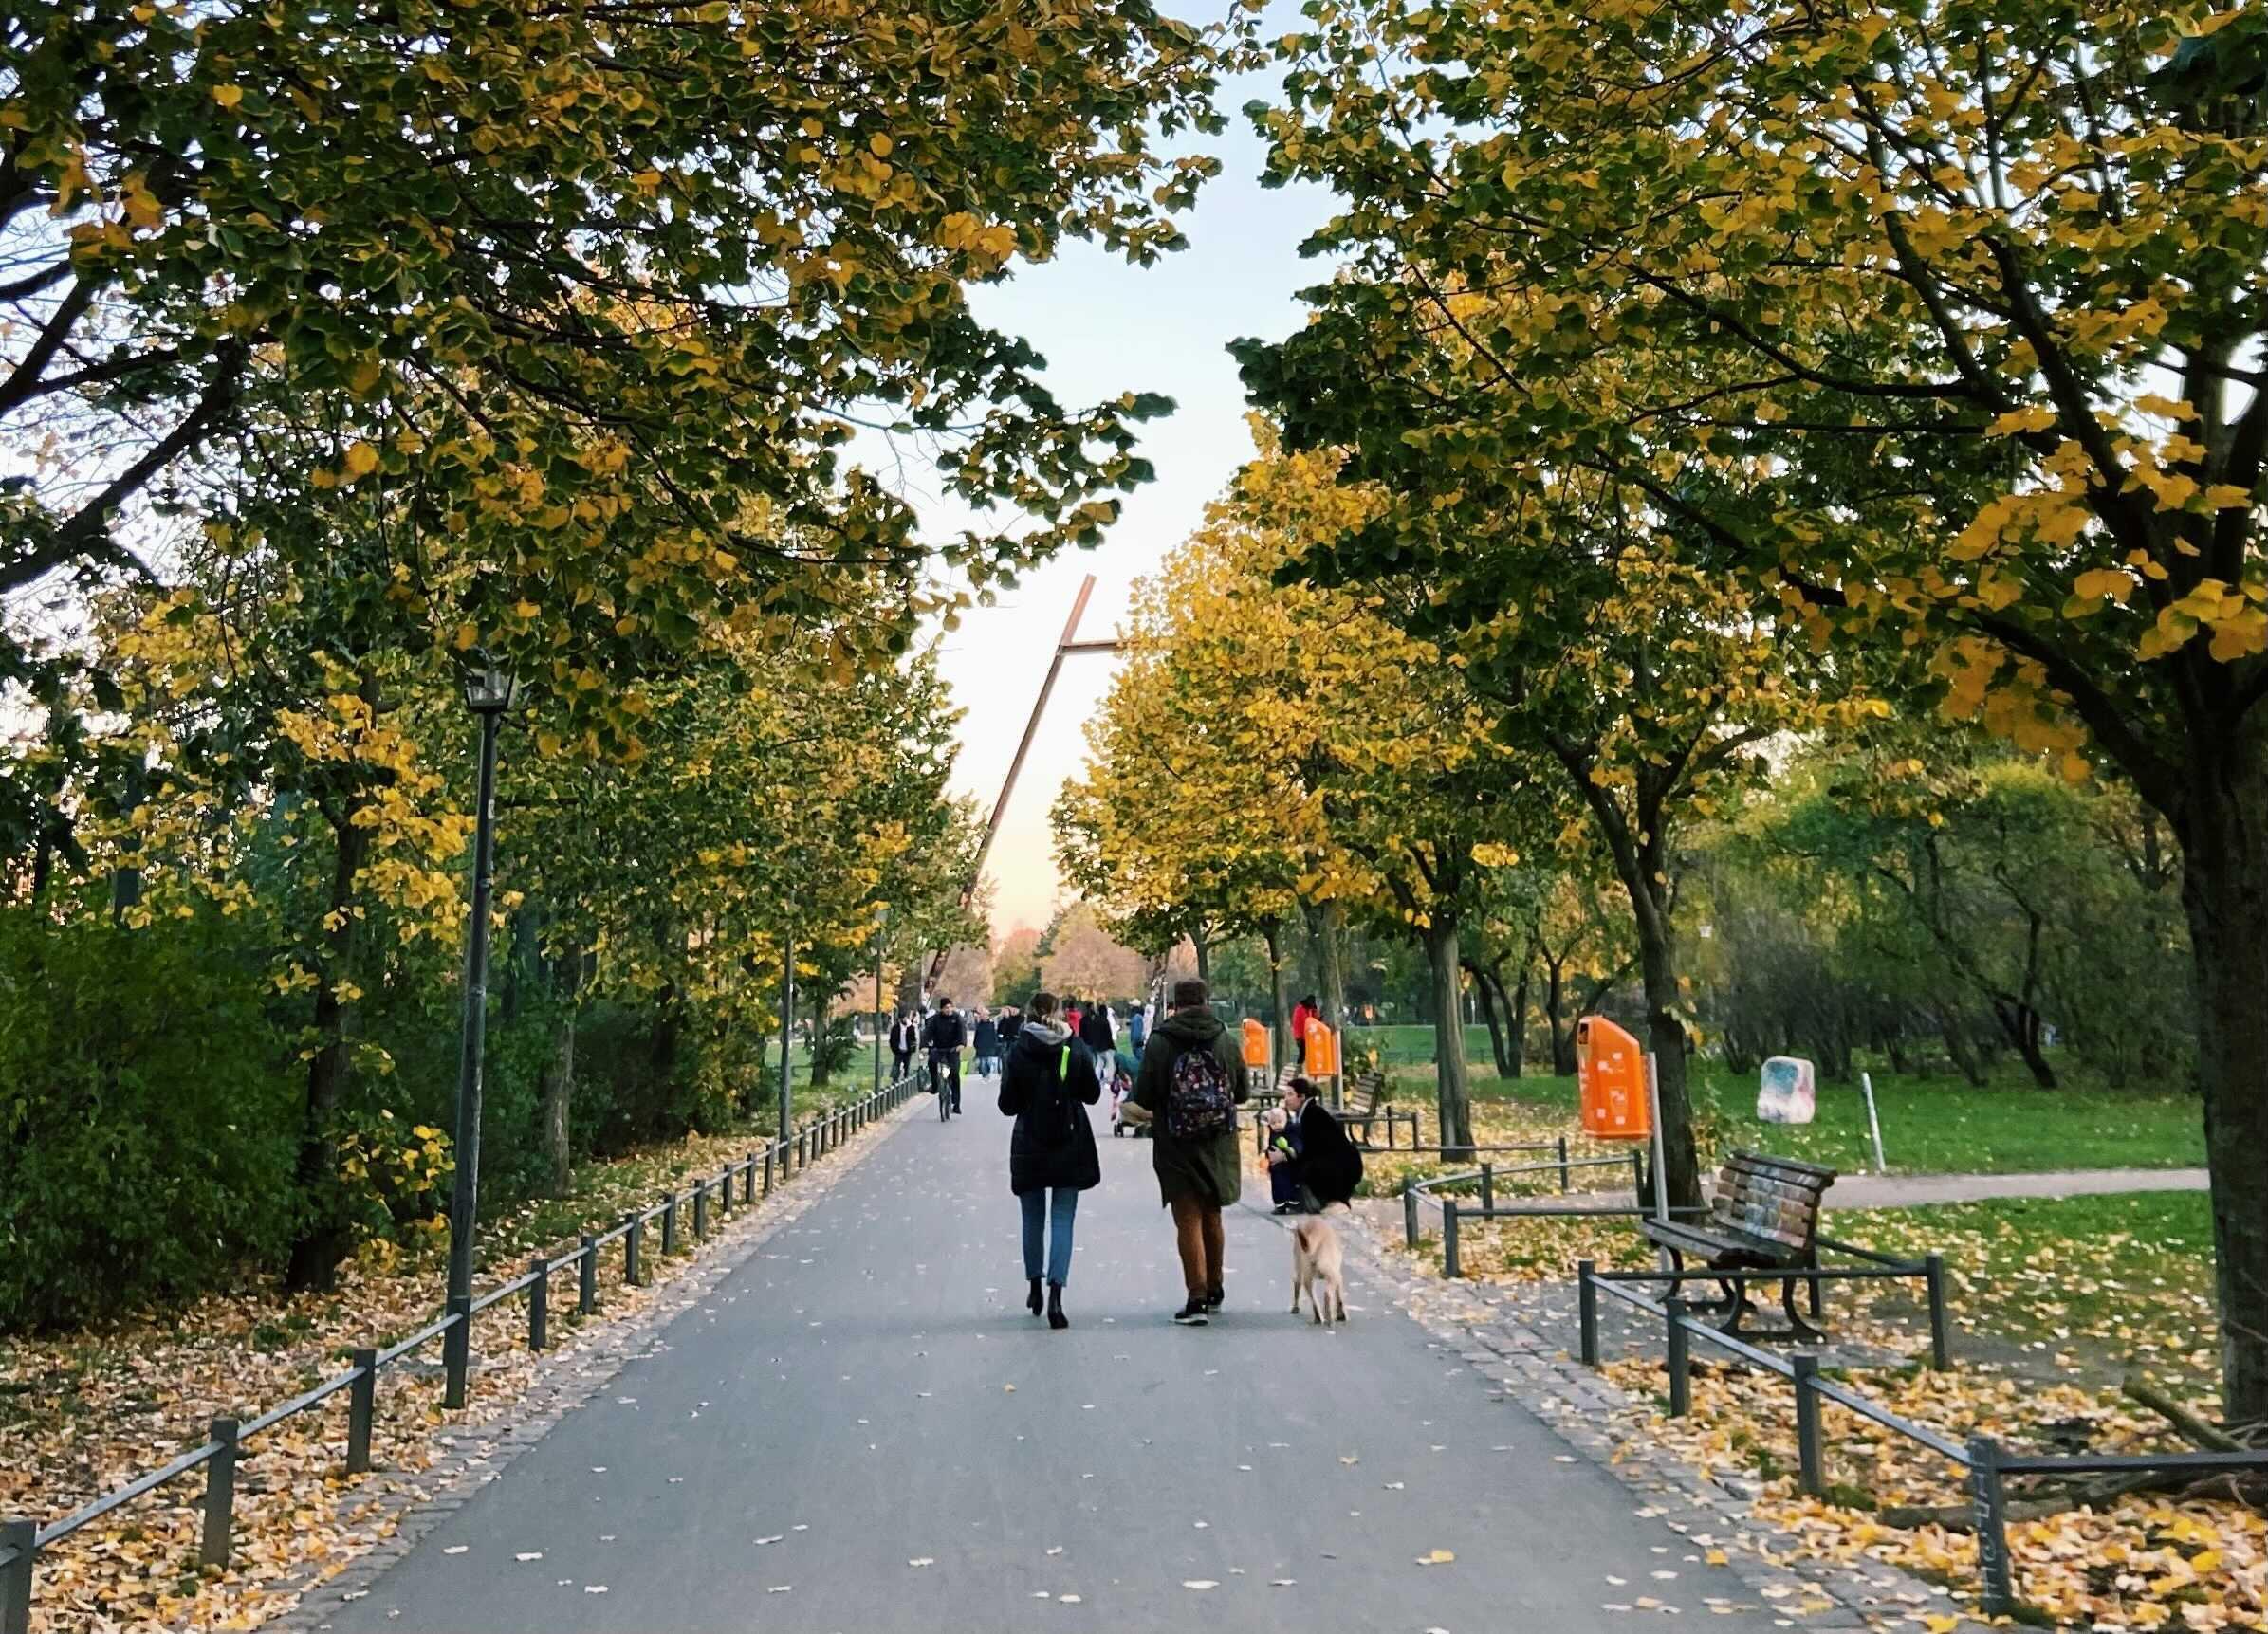 11 Typen, die euch in Berlin beim Spaziergang begegnen